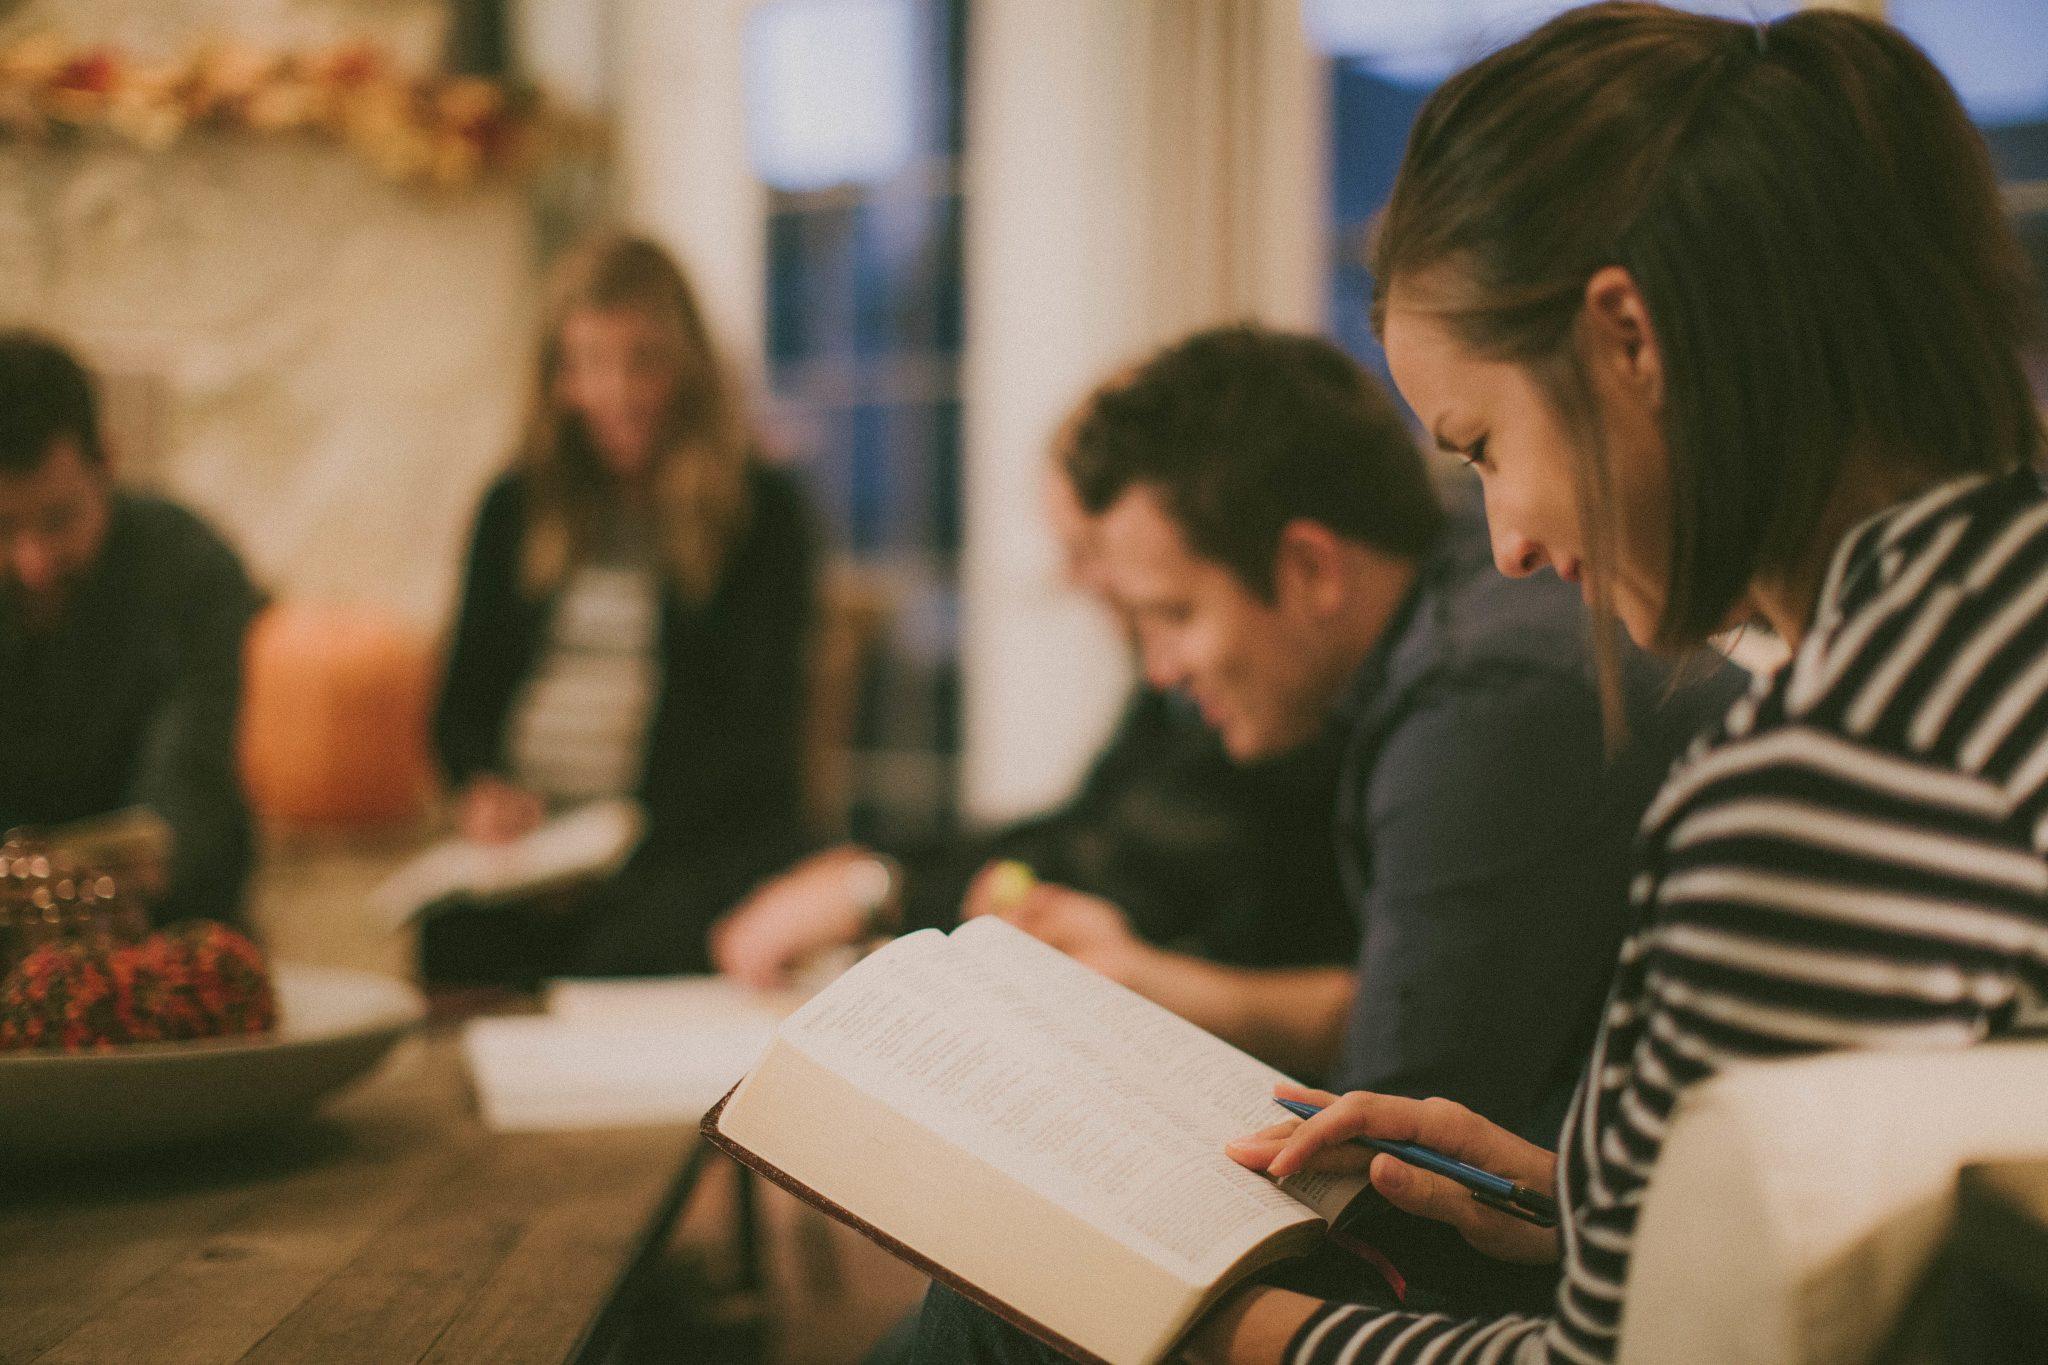 Piccoli gruppi per la comunione fraterna, la fede e la missione